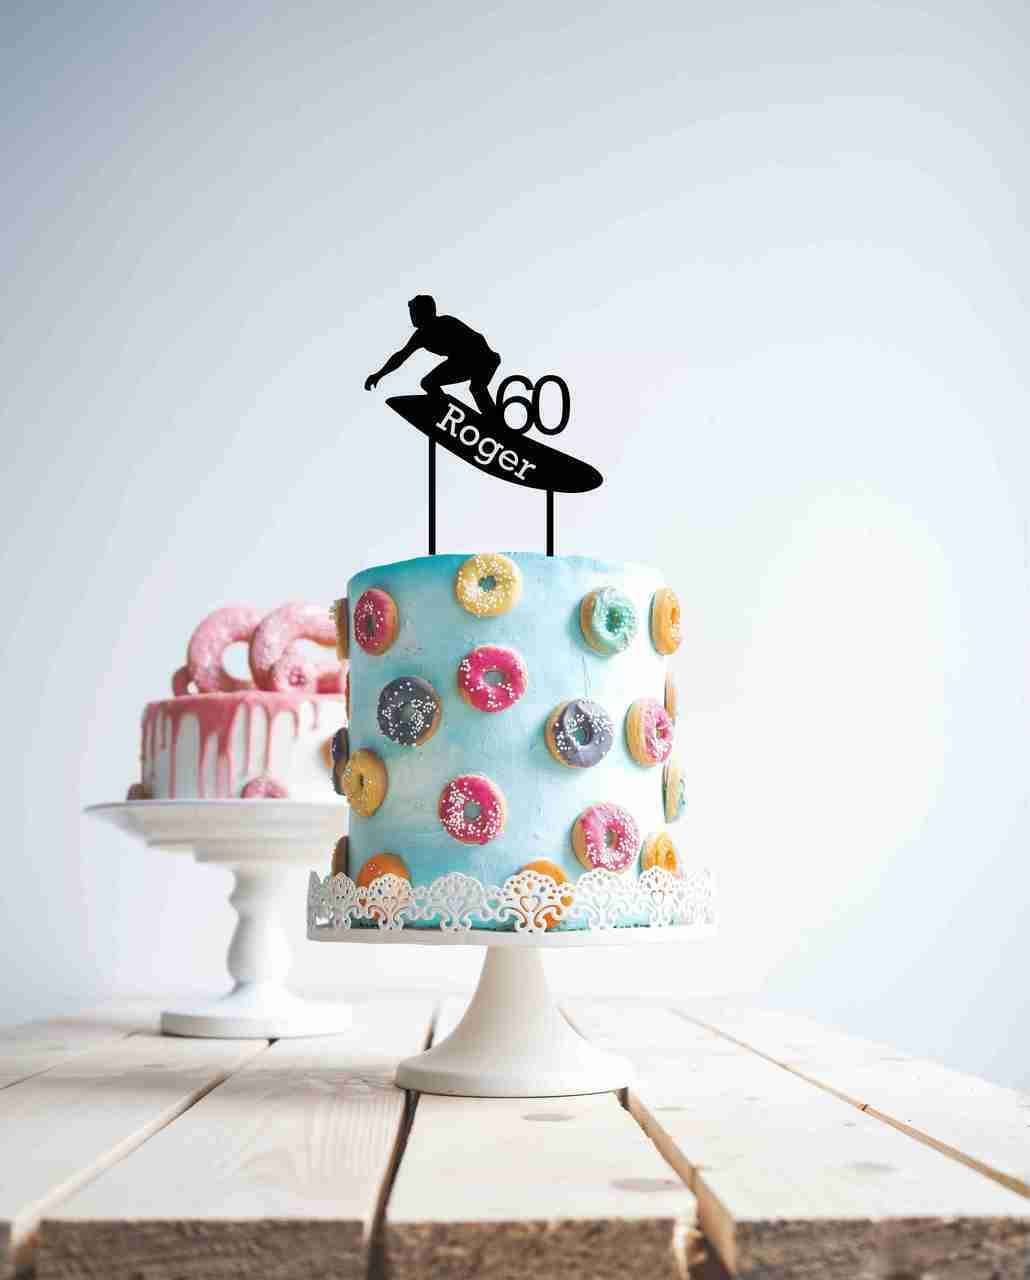 Surfer cake topper